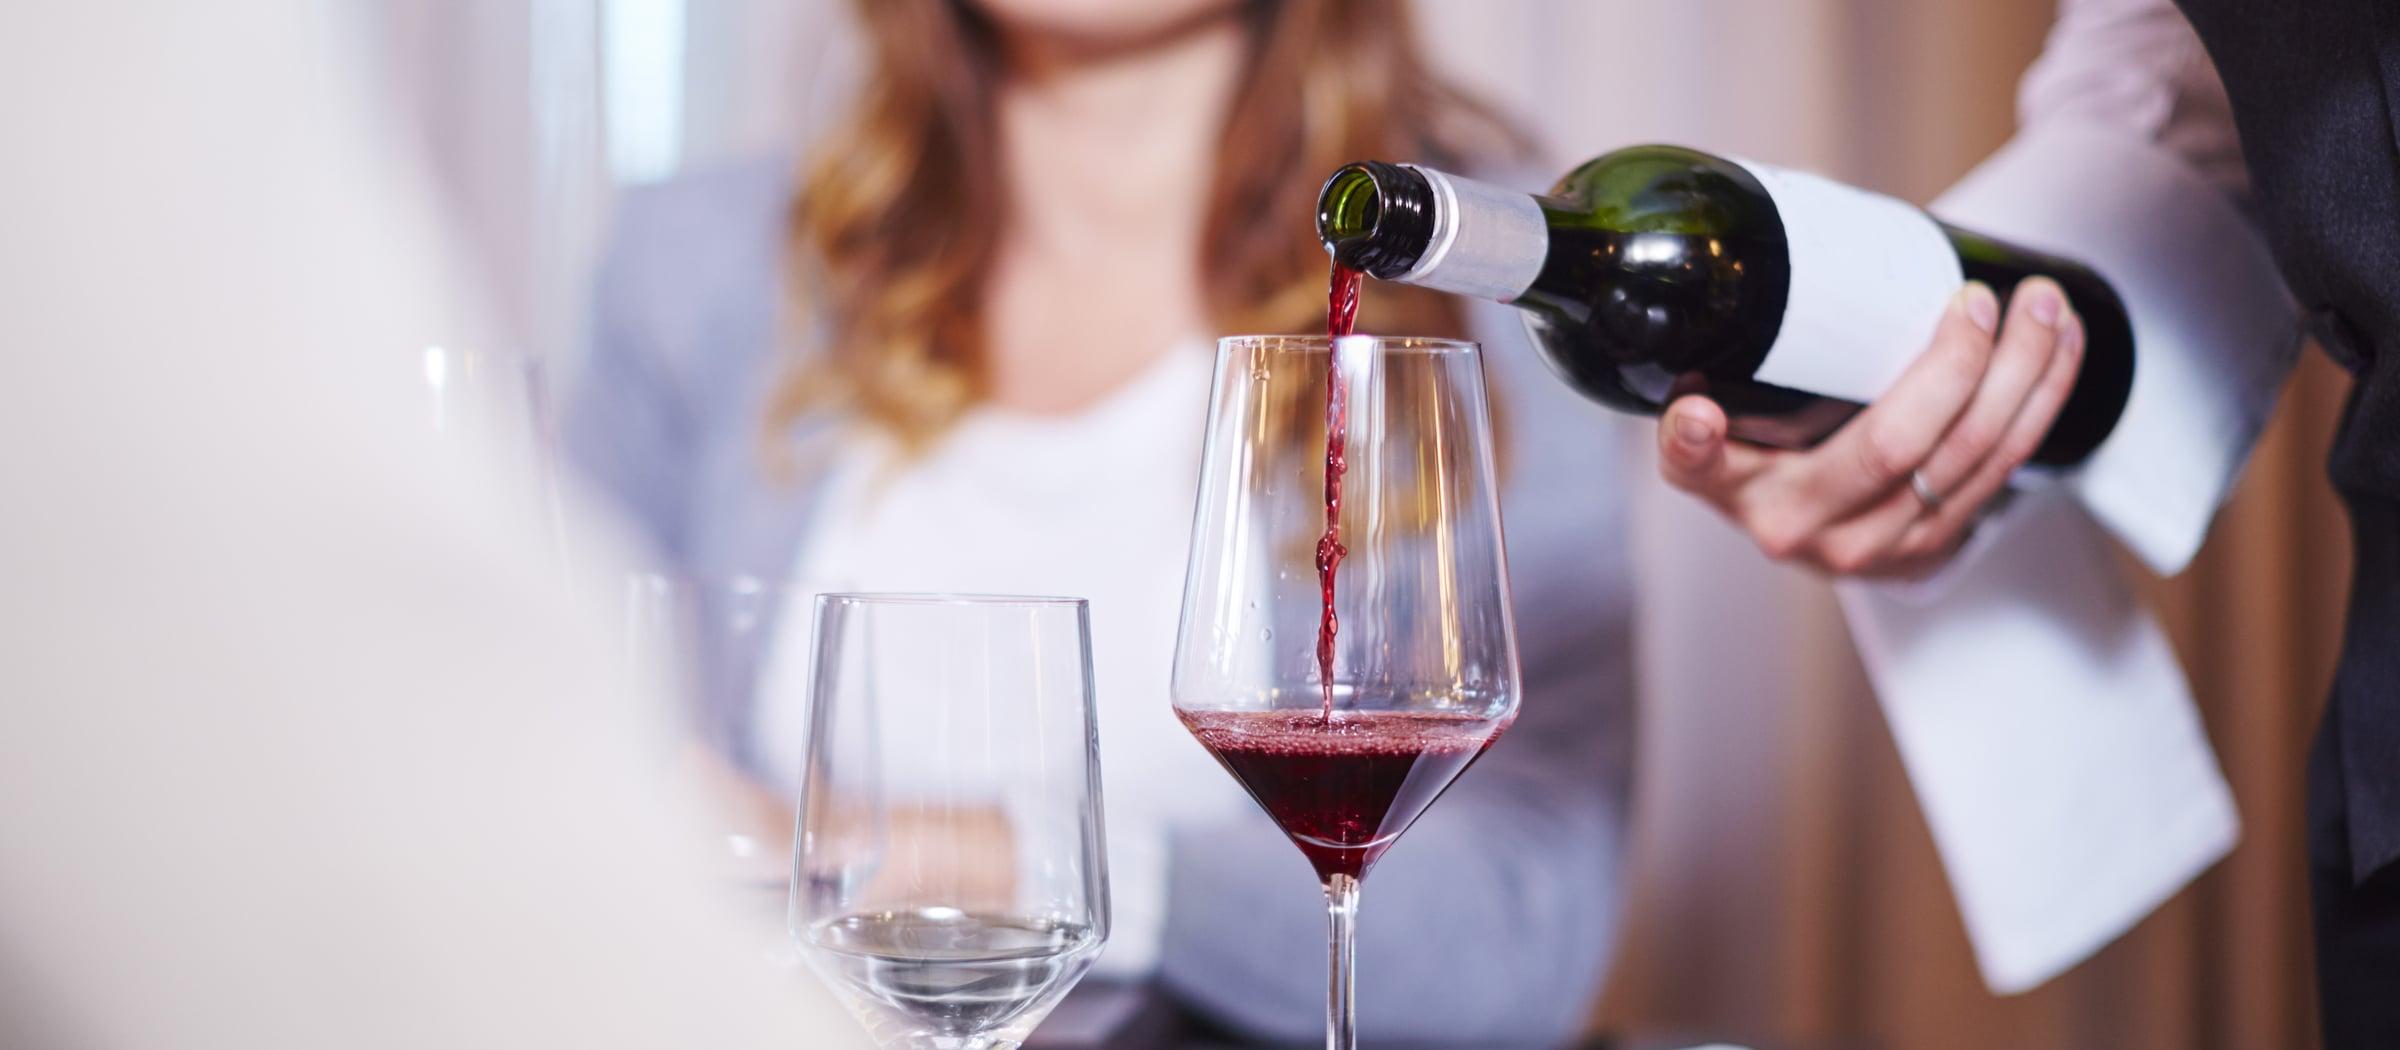 Pistor Sortiment Wein Herobild